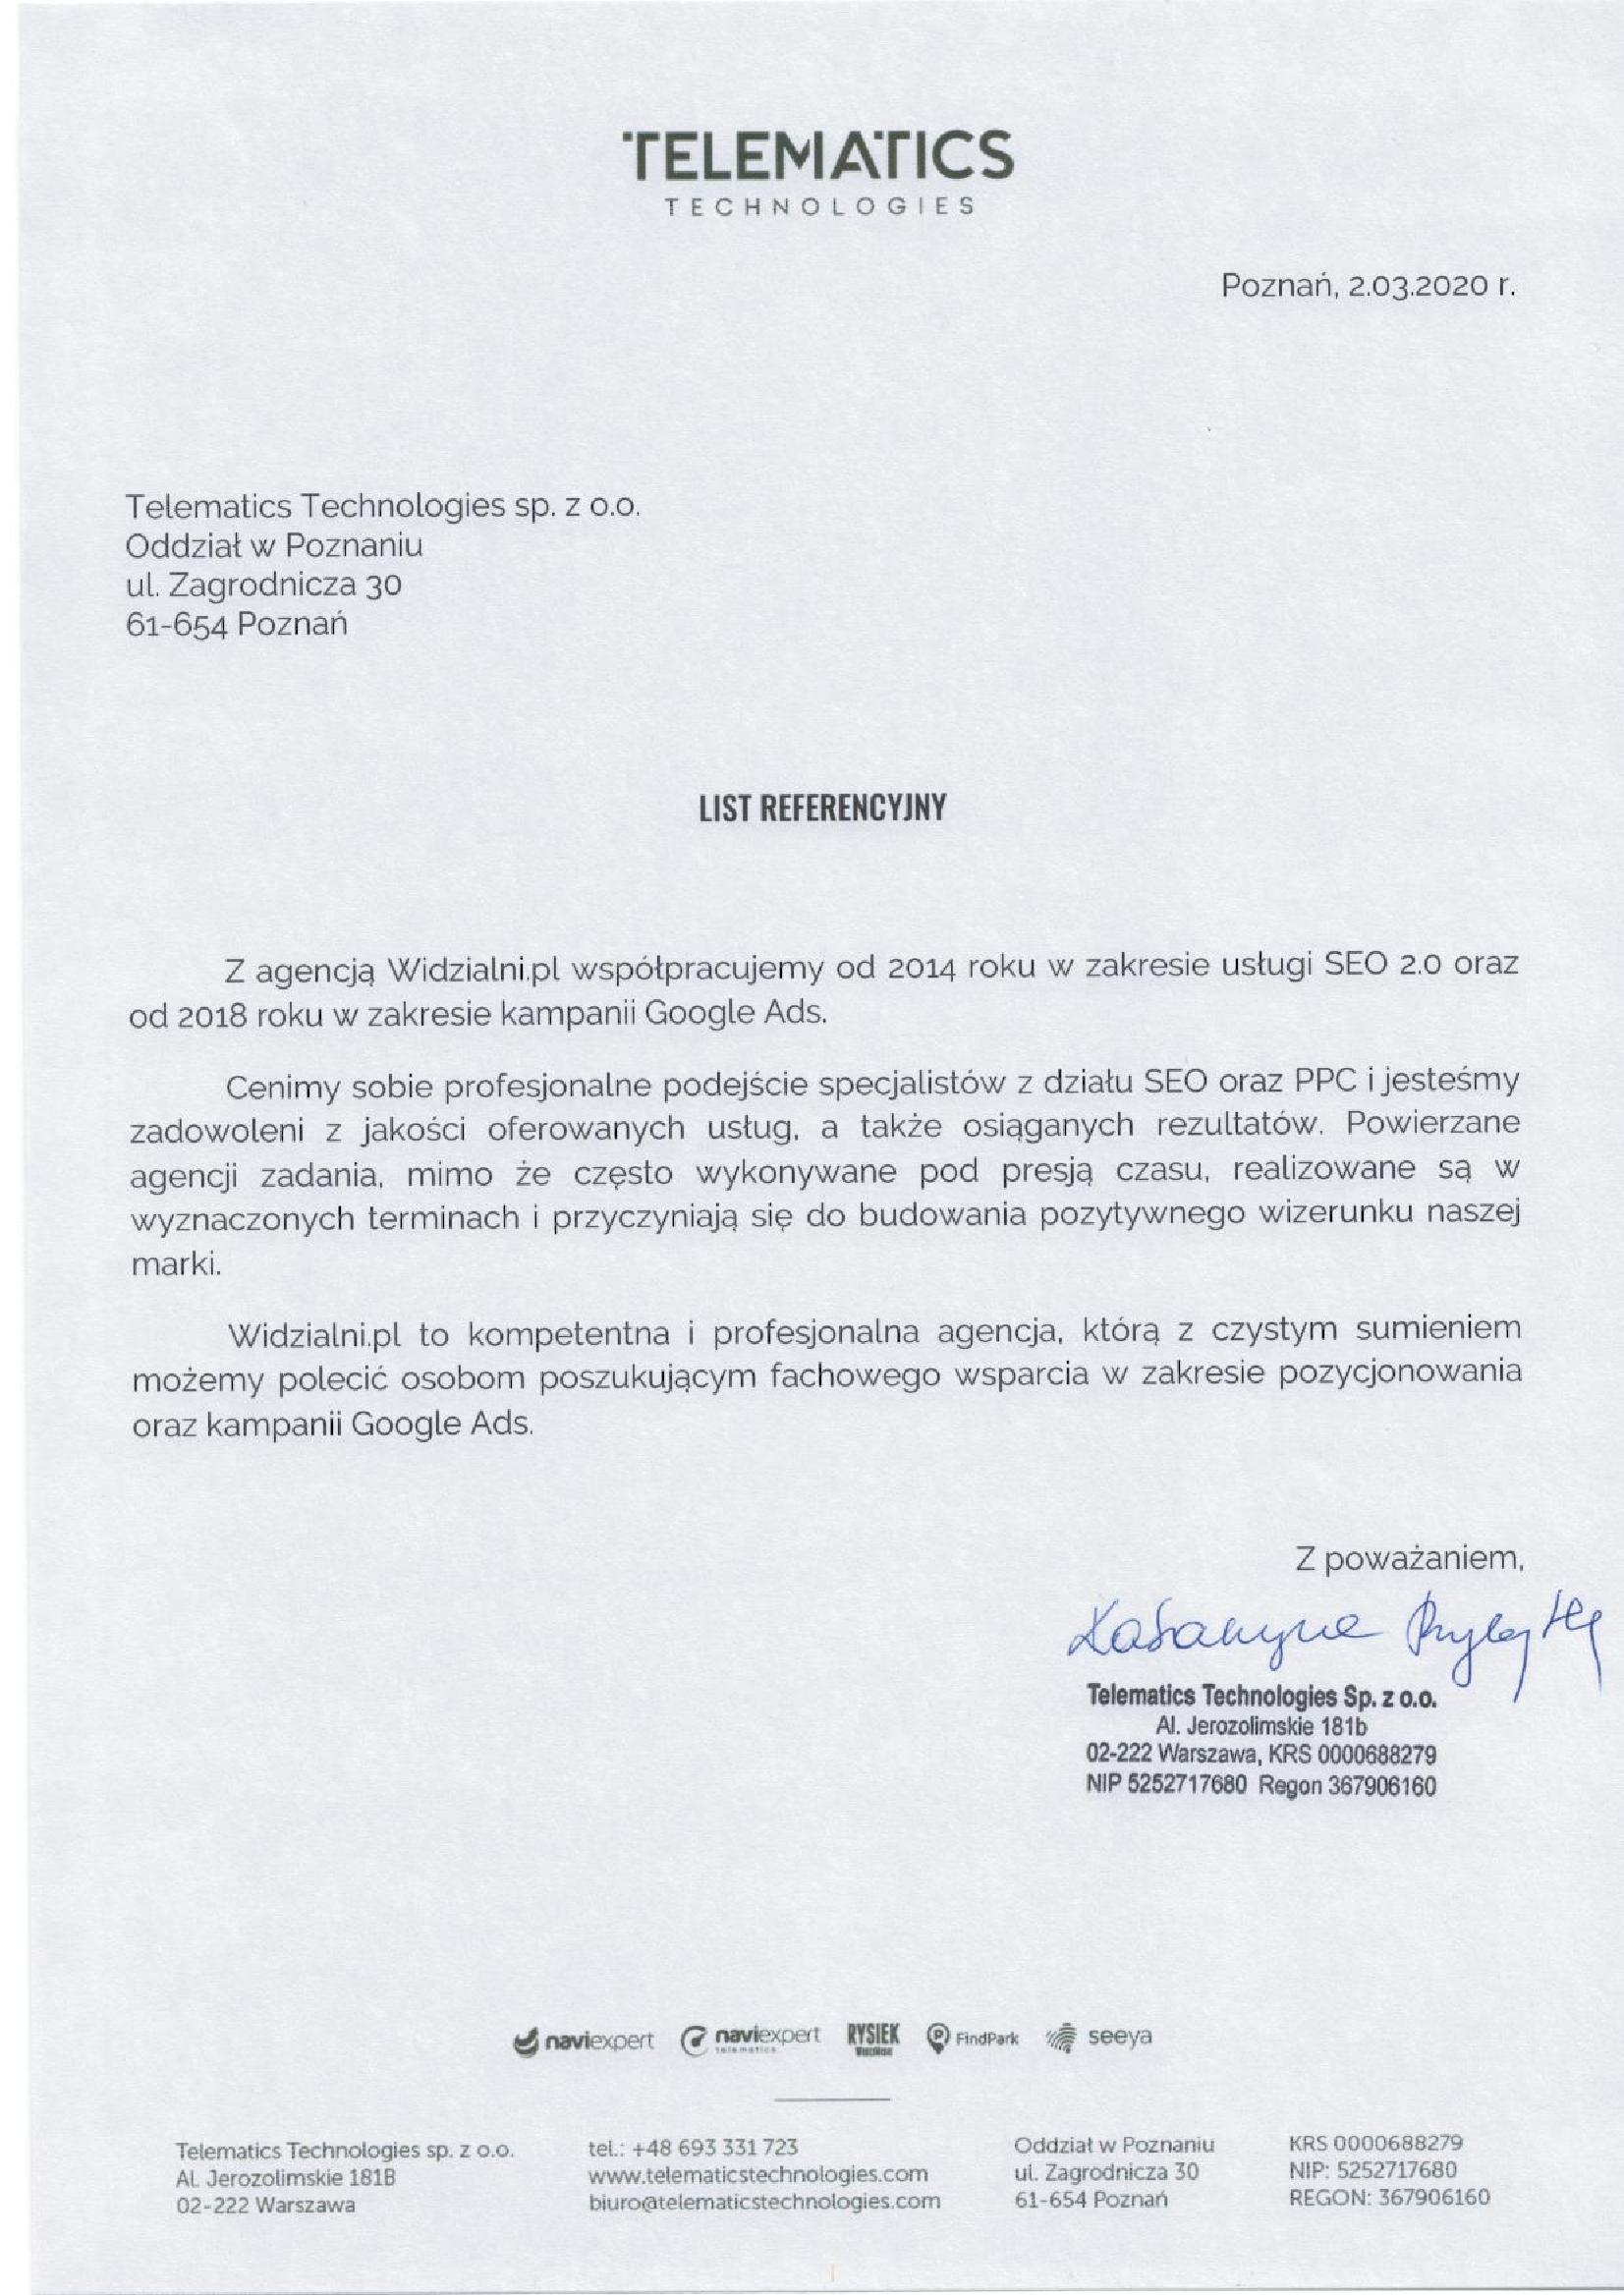 Referencje Telematics Technologies sp. z o.o. (dawniej NaviExpert sp. z o.o.)